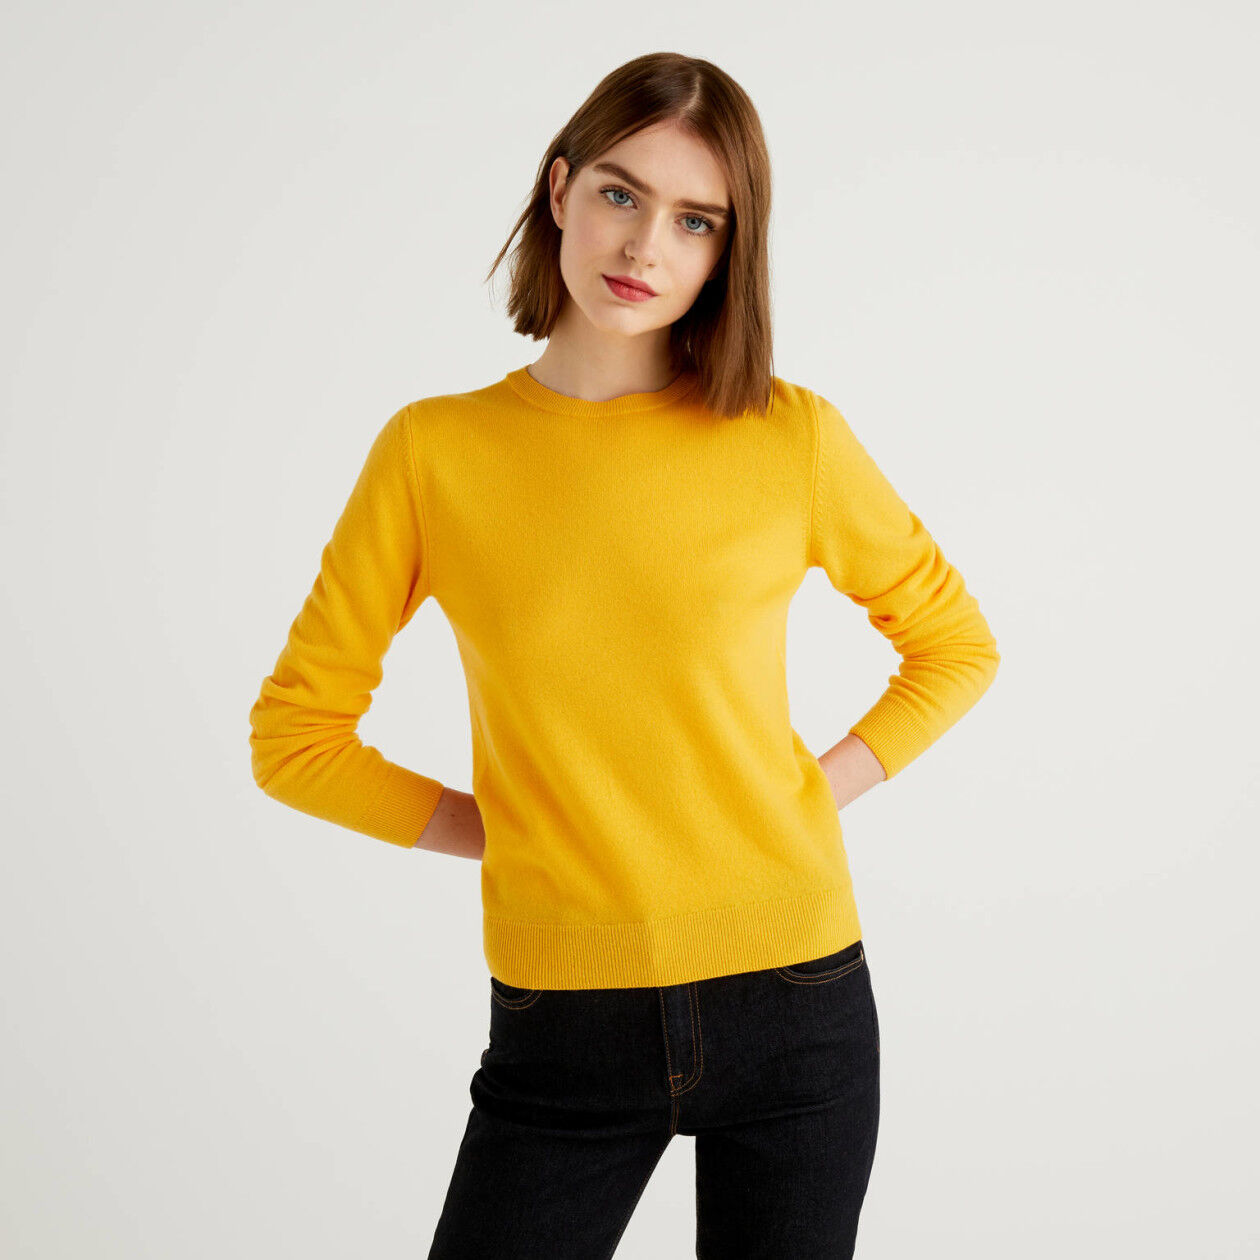 Gelber Pullover aus reiner Schurwolle mit Rundausschnitt